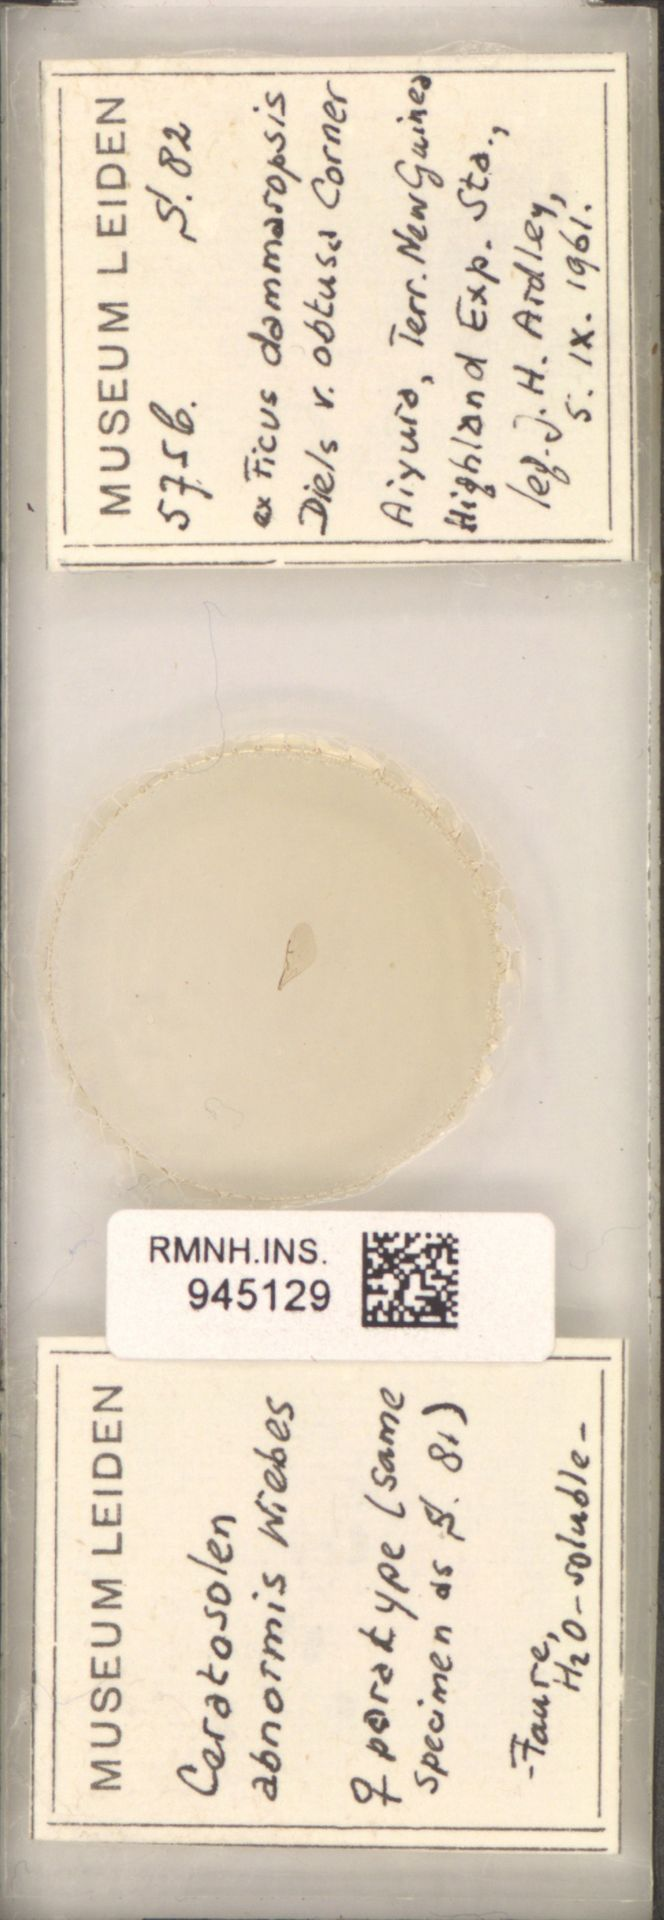 RMNH.INS.945129 | Ceratosolen abnormis Wiebes